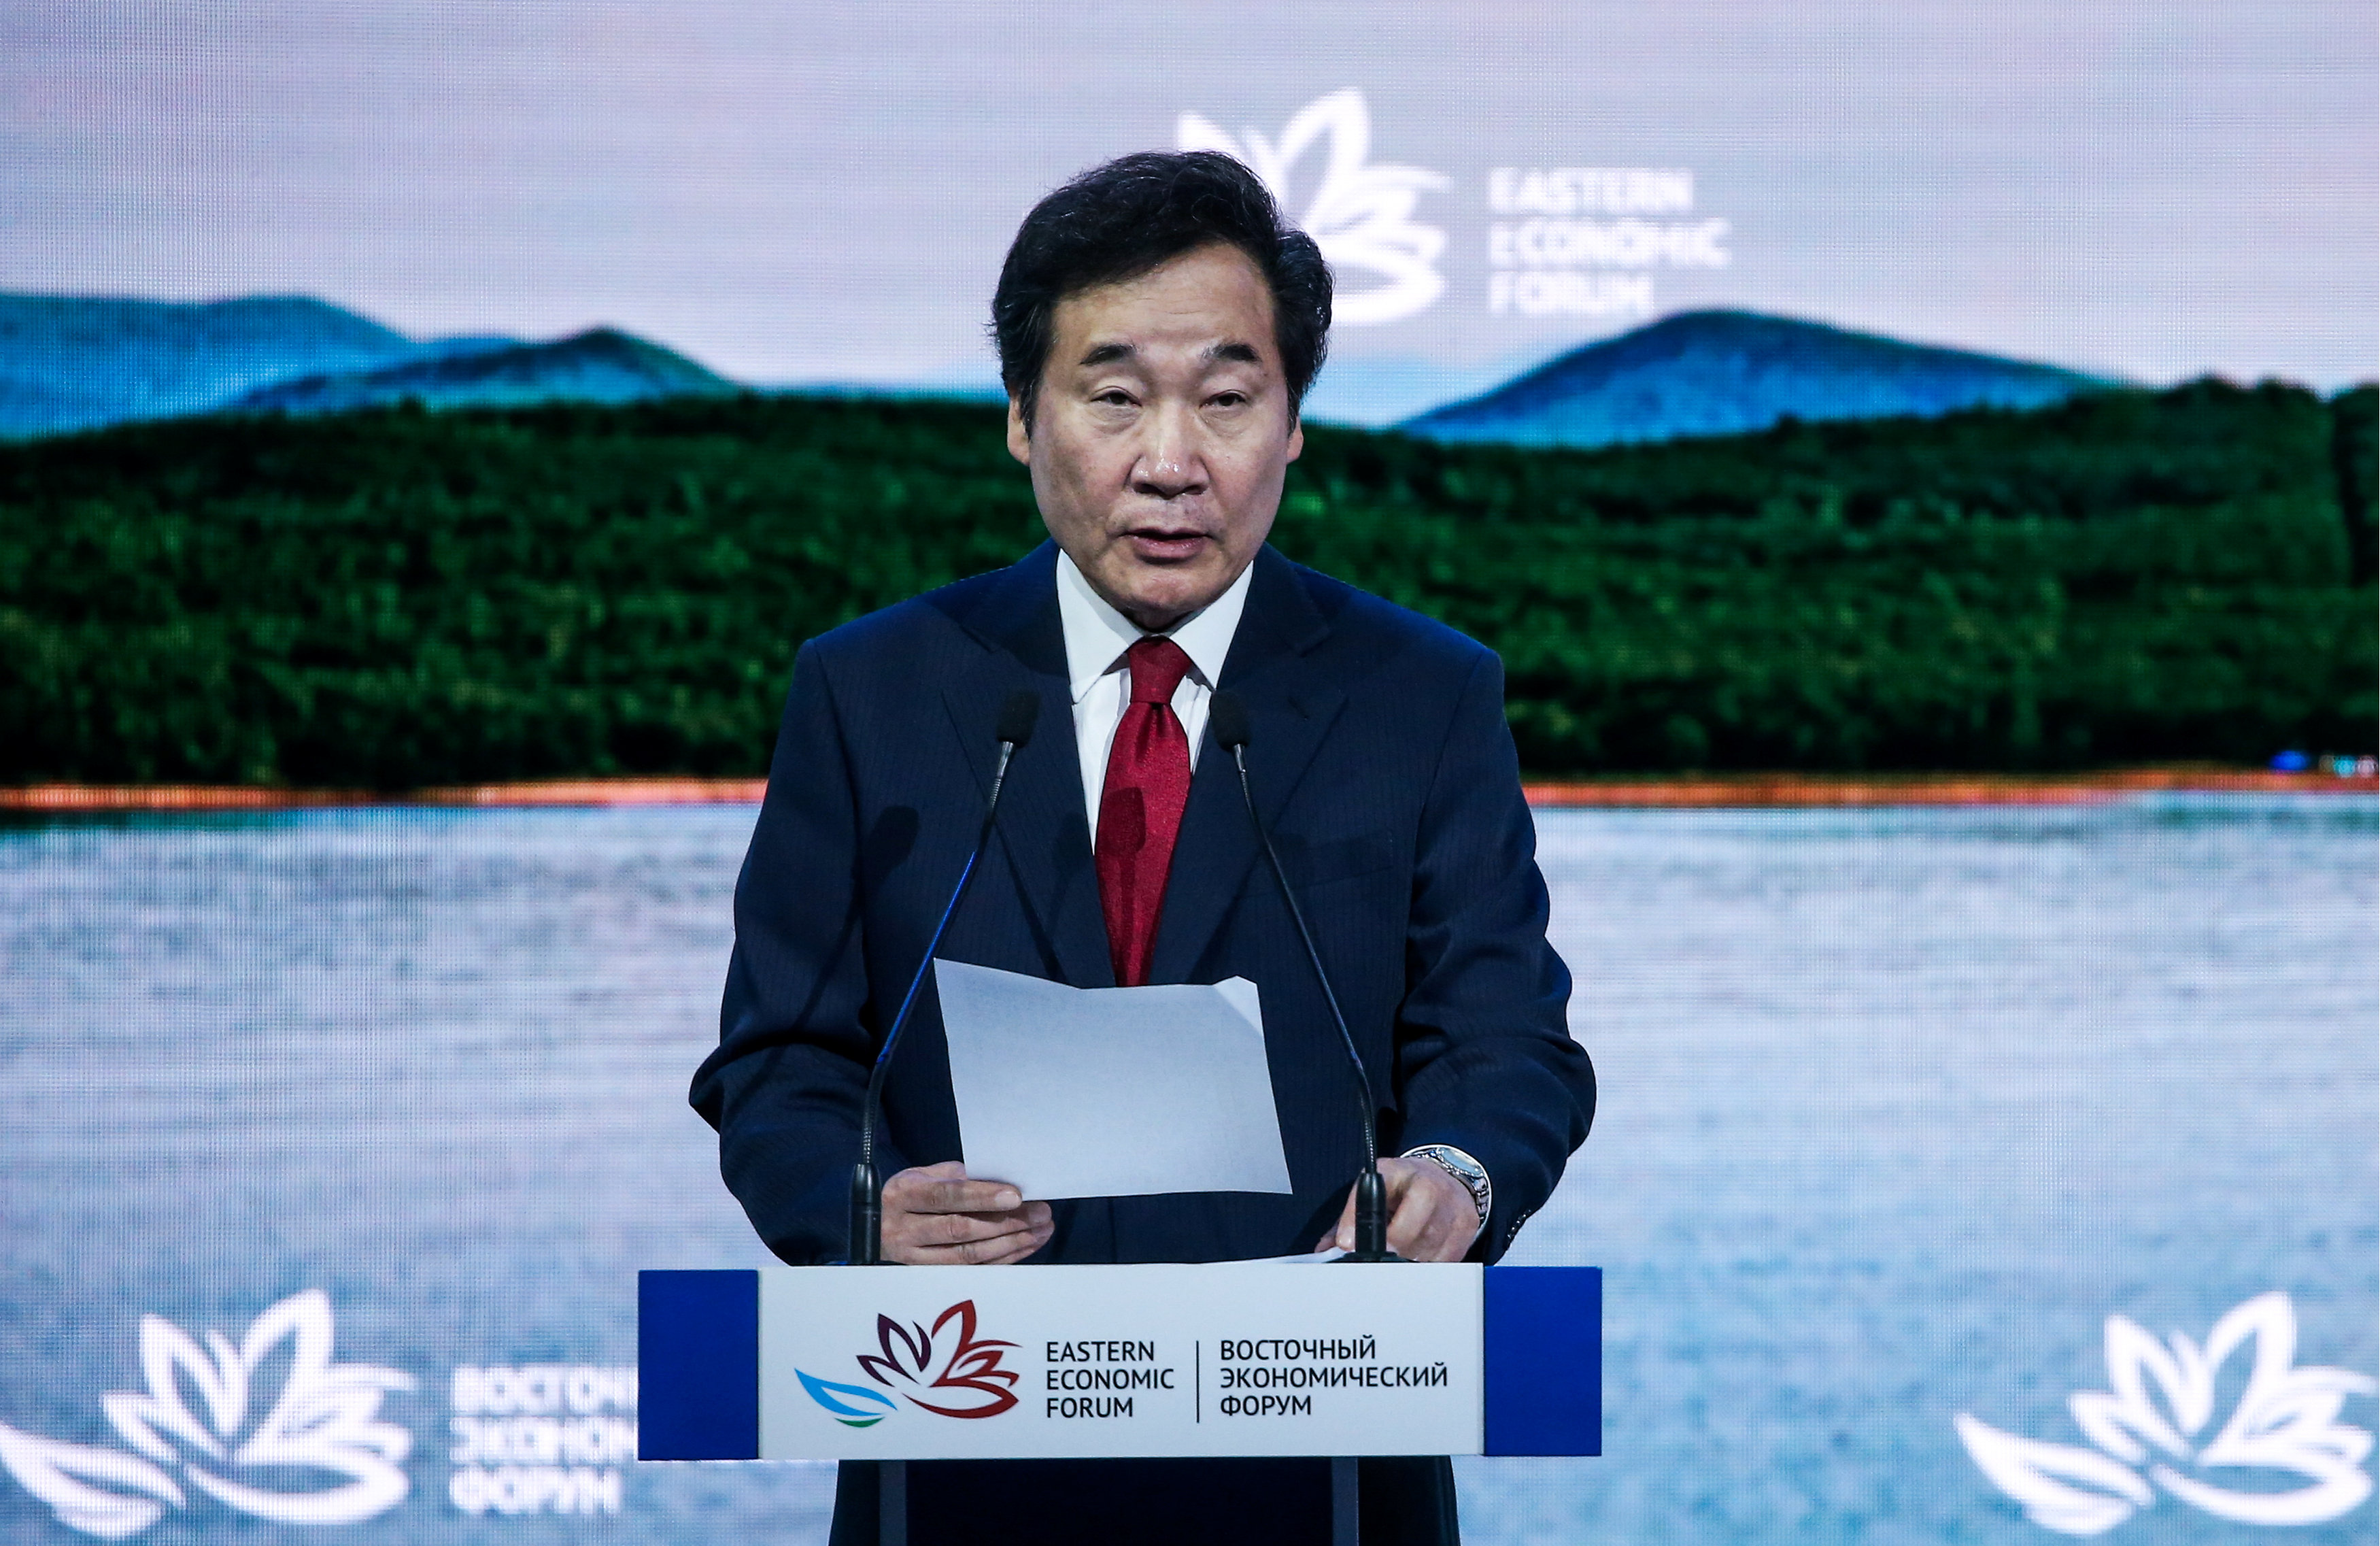 8 -  رئيس وزراء كوريا الجنوبية لي ناك يون يحضر المنتدى الاقتصادي الشرقي في فلاديفوستوك